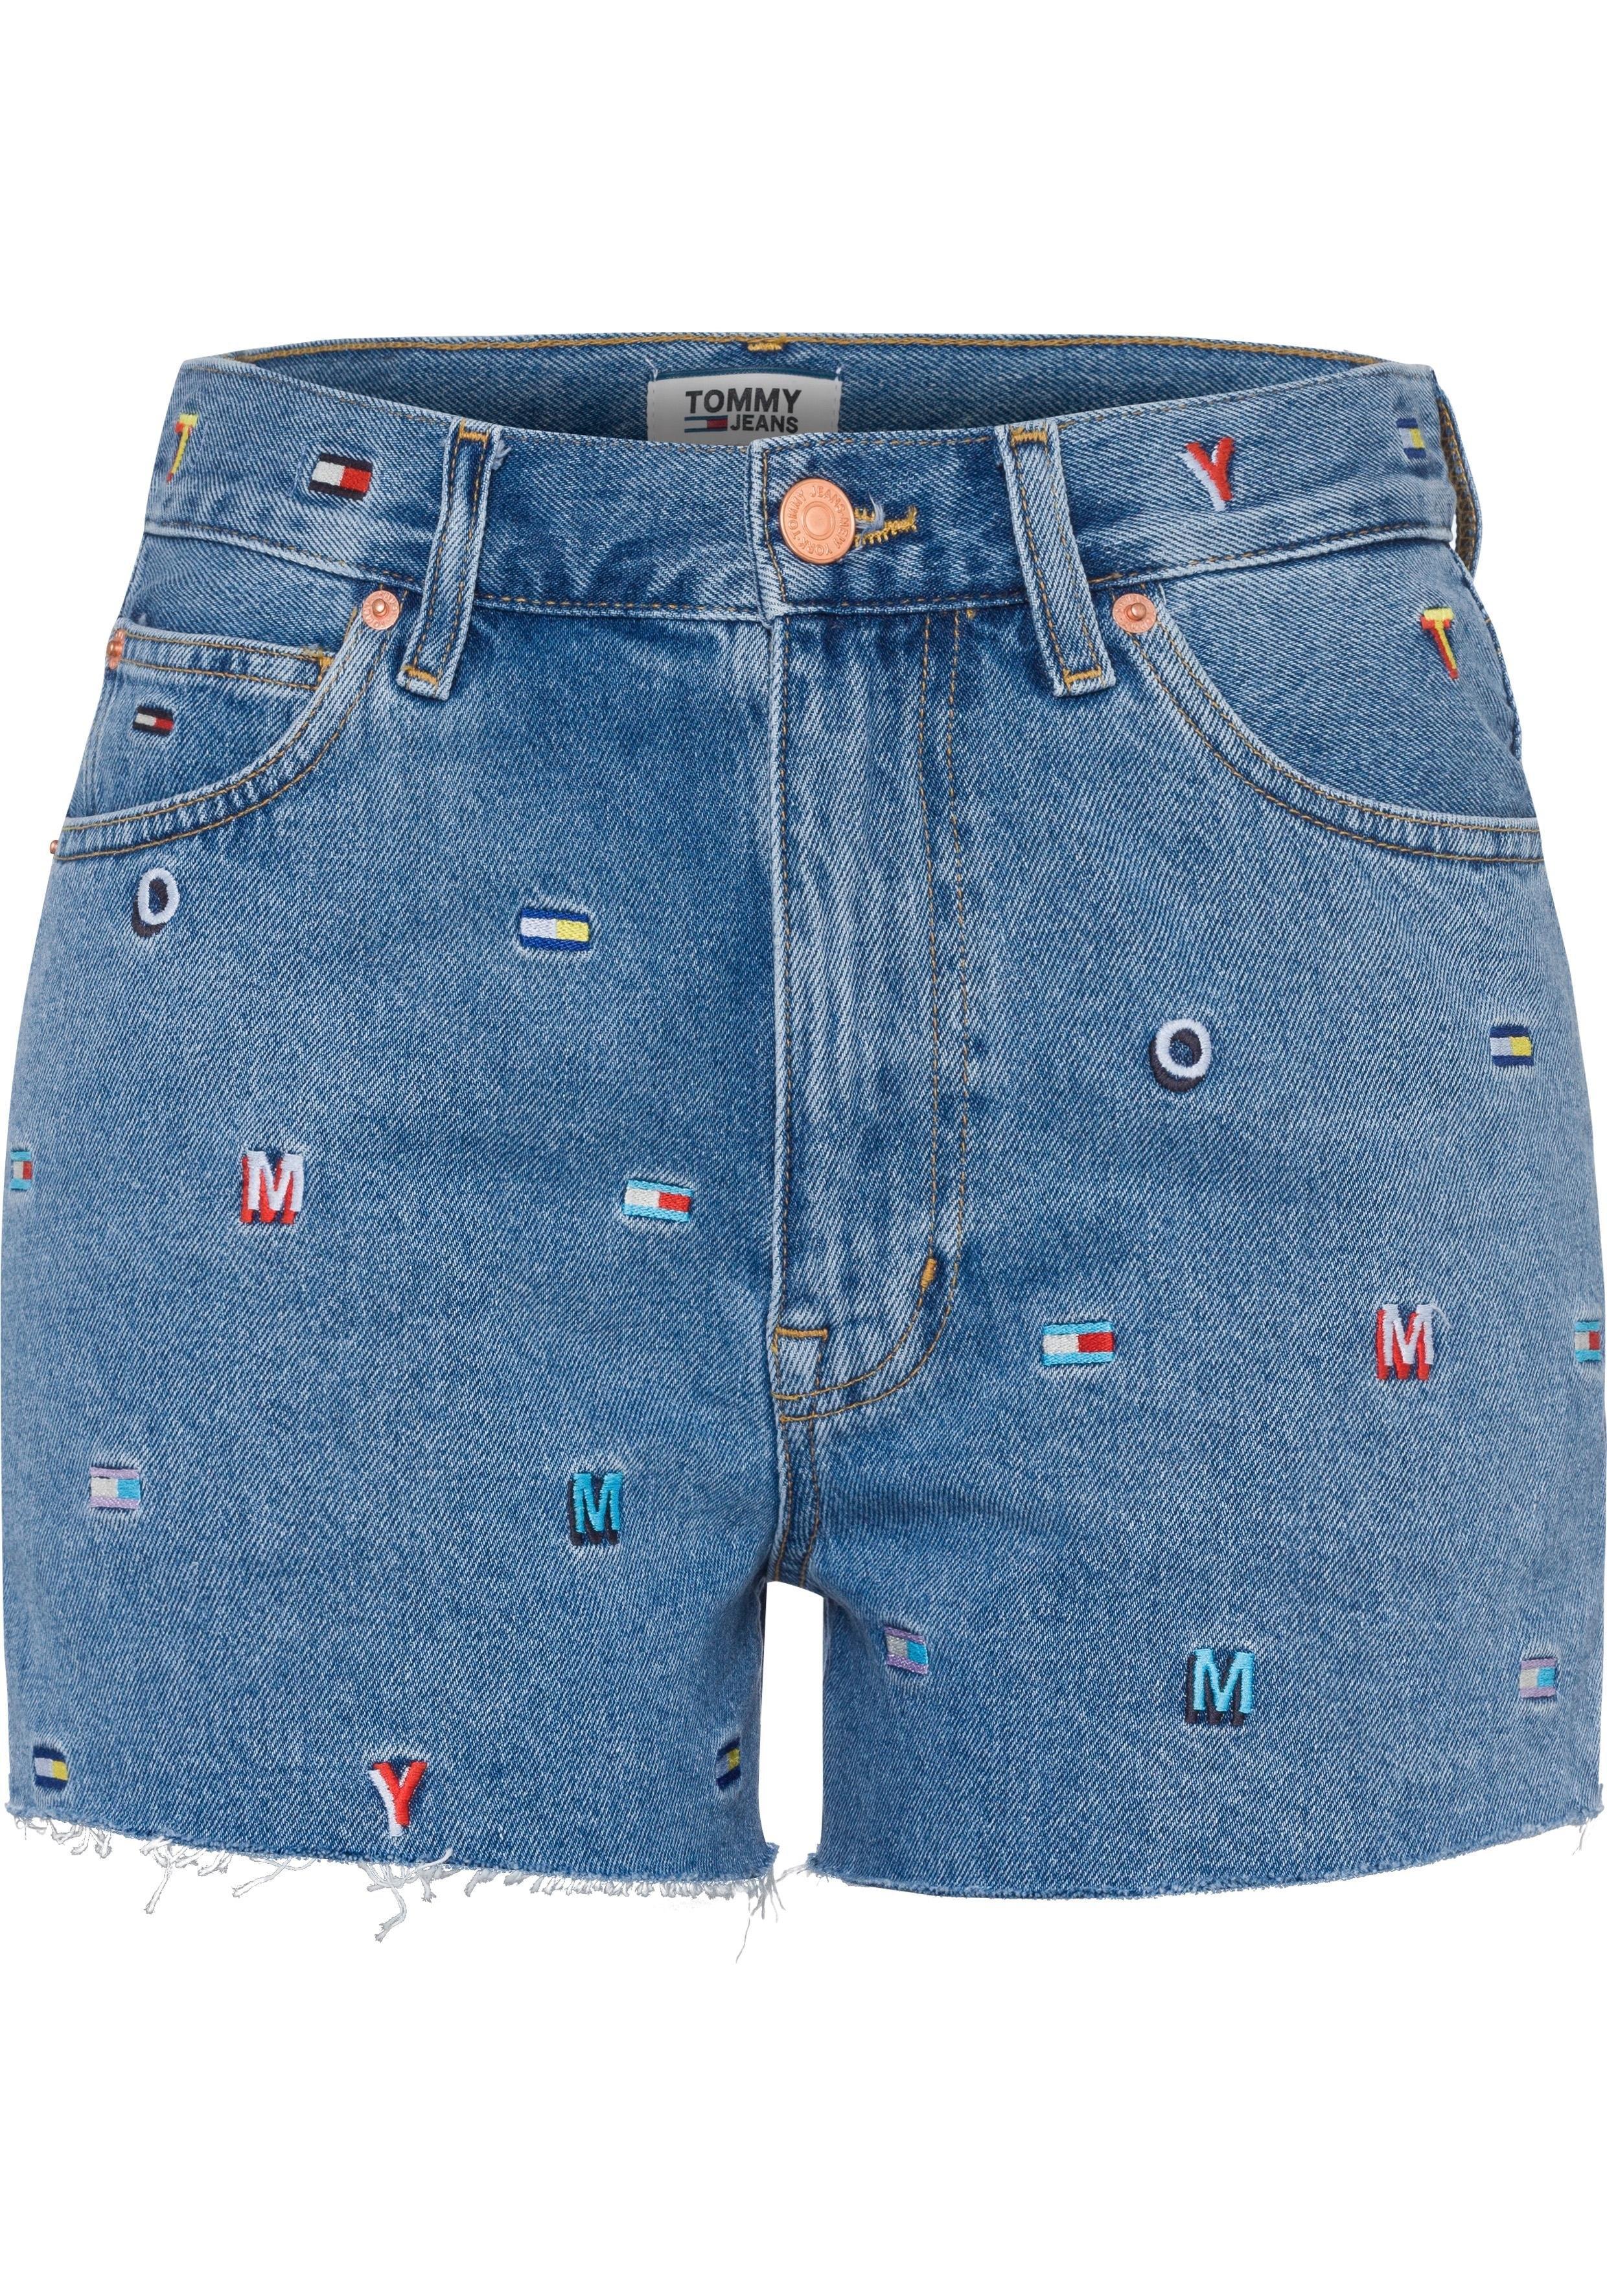 Op zoek naar een Tommy Jeans short? Koop online bij OTTO